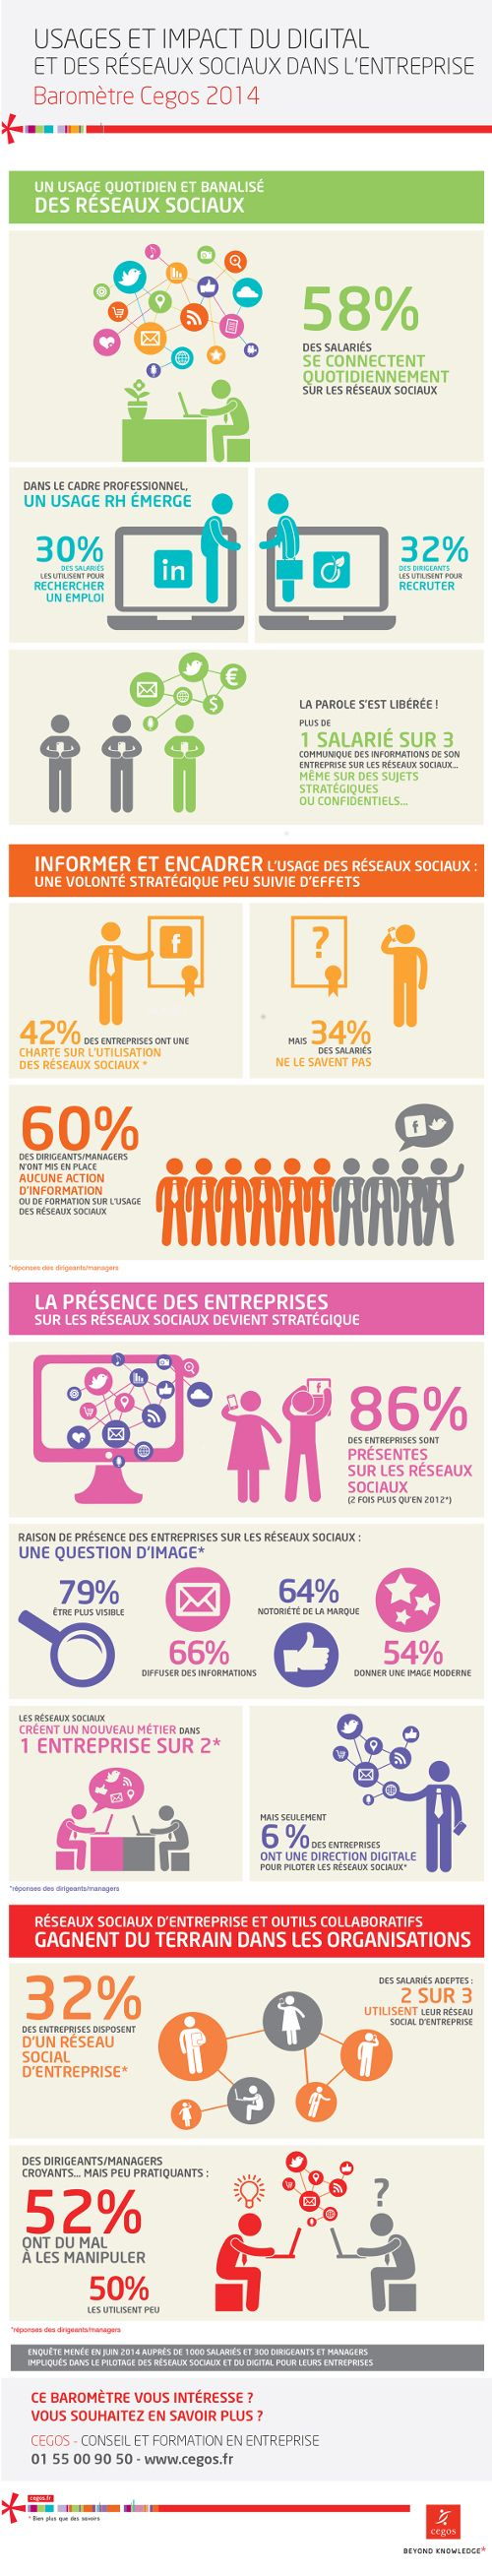 Seulement 6% des entreprises ont une direction digitale pour piloter les réseaux sociaux. Des dirigeant croyants ... mais peu pratiquants! Usages et impacts du digital et des réseaux sociaux dans l'entreprise – Baromètre Cegos 2014